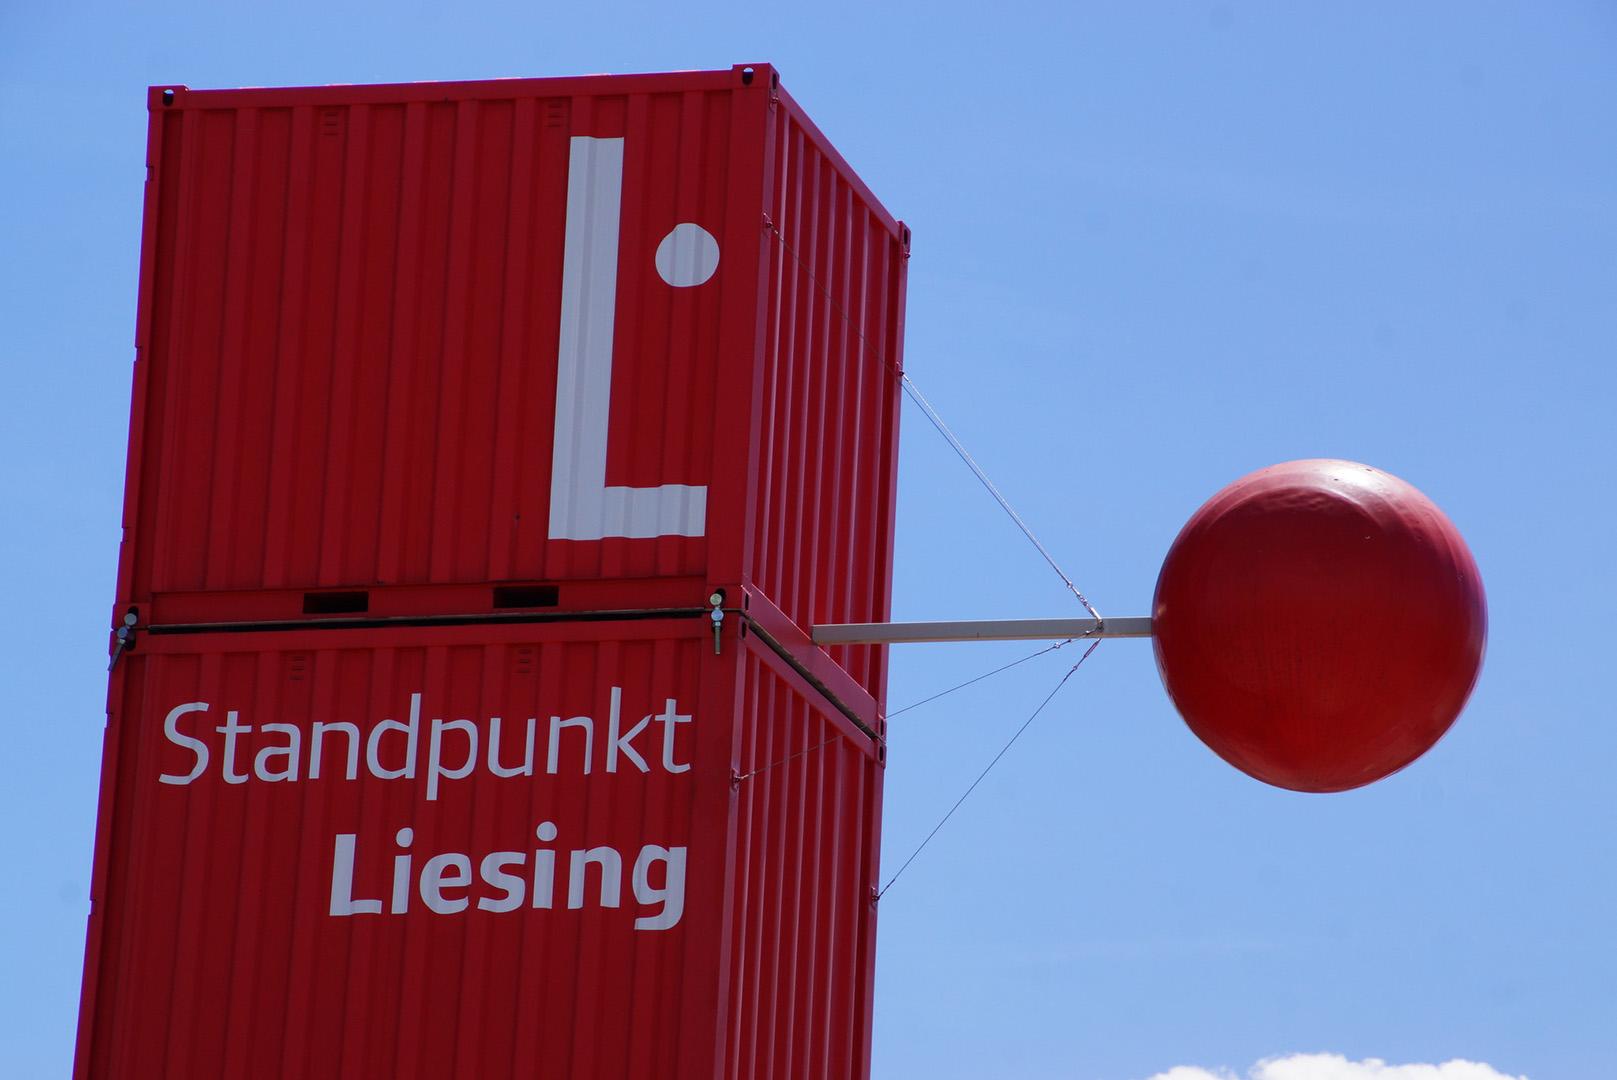 01_Standpunkt Liesing